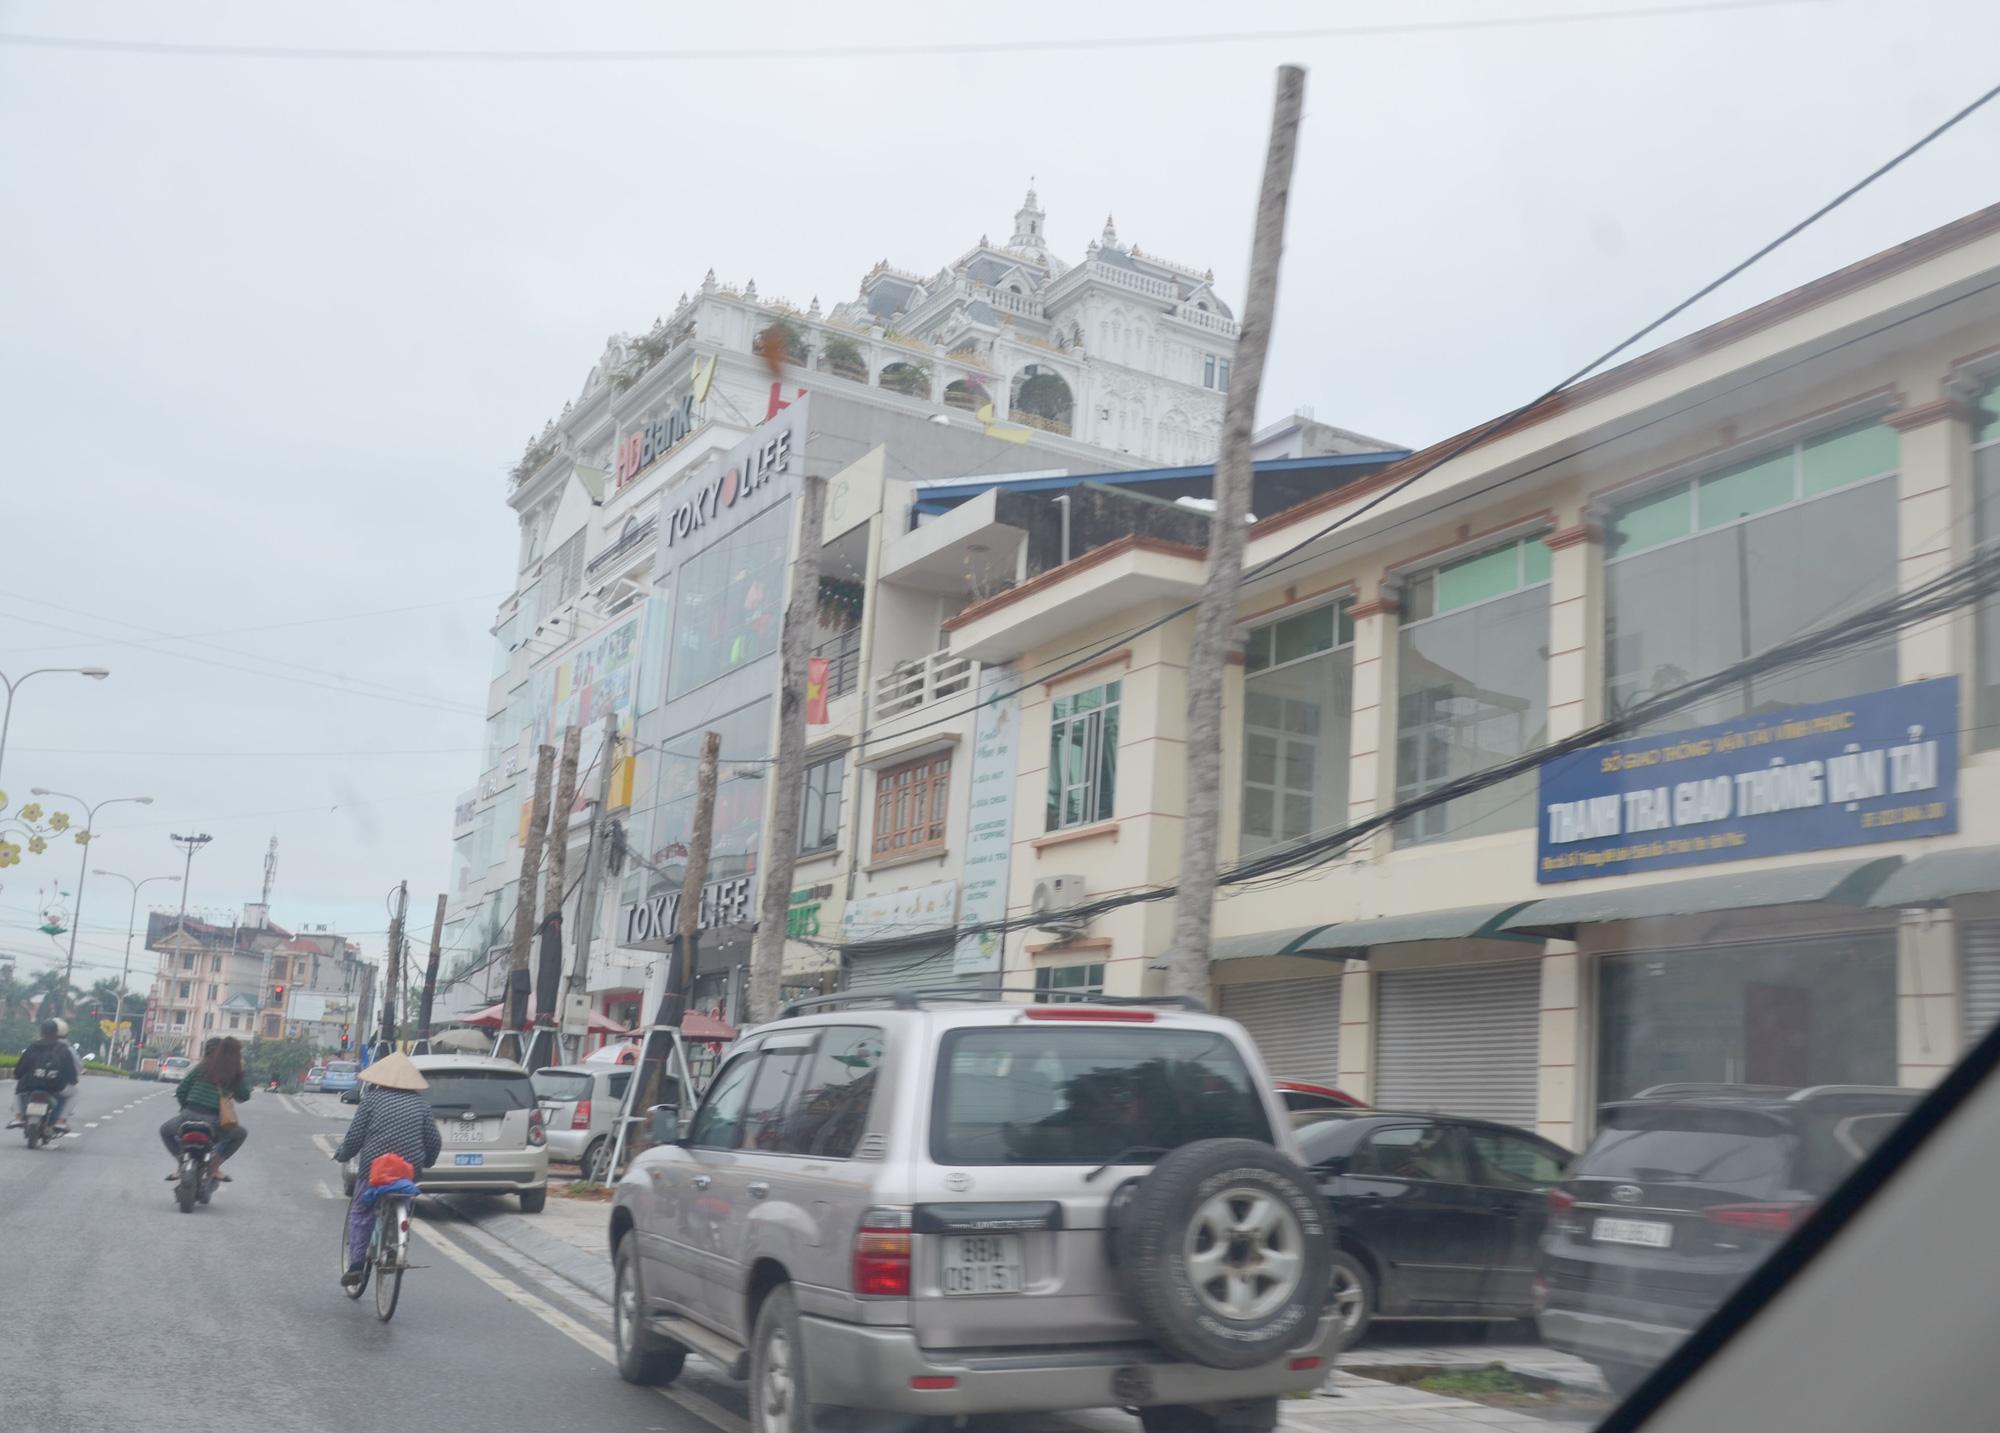 Vĩnh Phúc: La liệt cây xanh bị cụt ngọn, chết khô trên tuyến đường trung tâm thành phố - Ảnh 10.